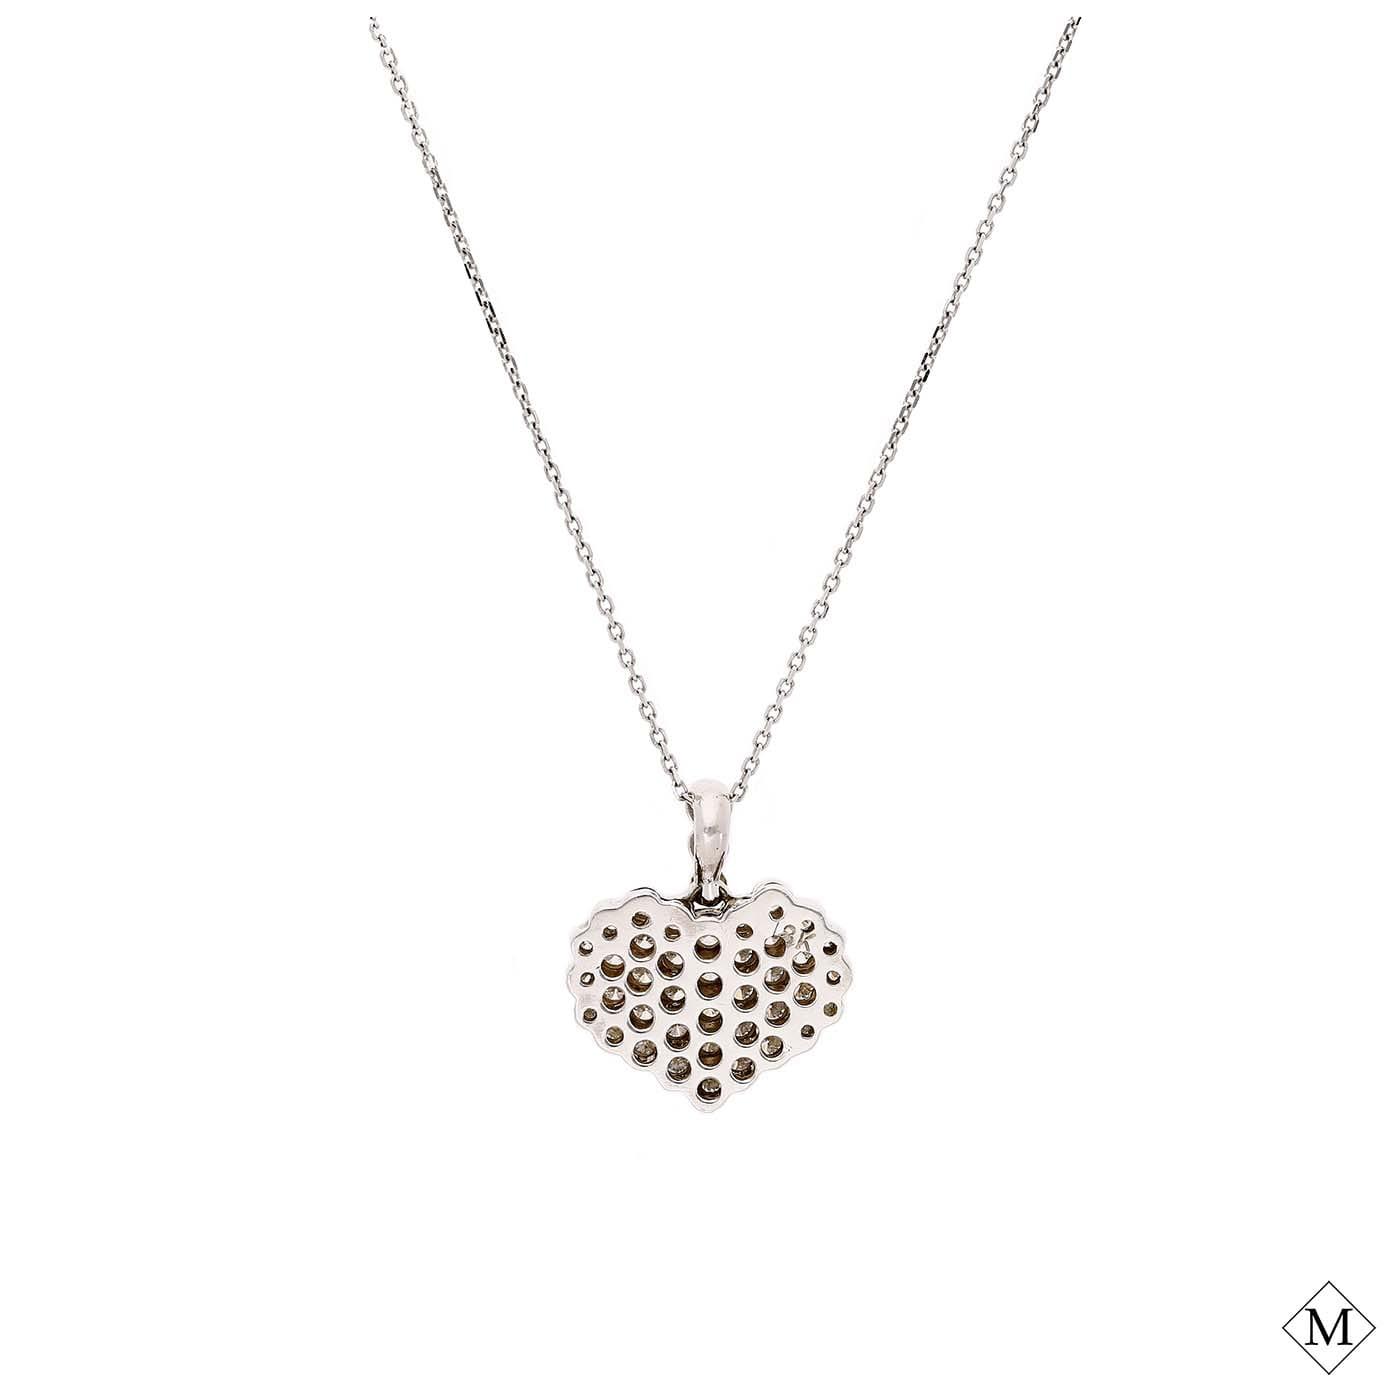 Unique Diamond PendantStyle #: PD-608P